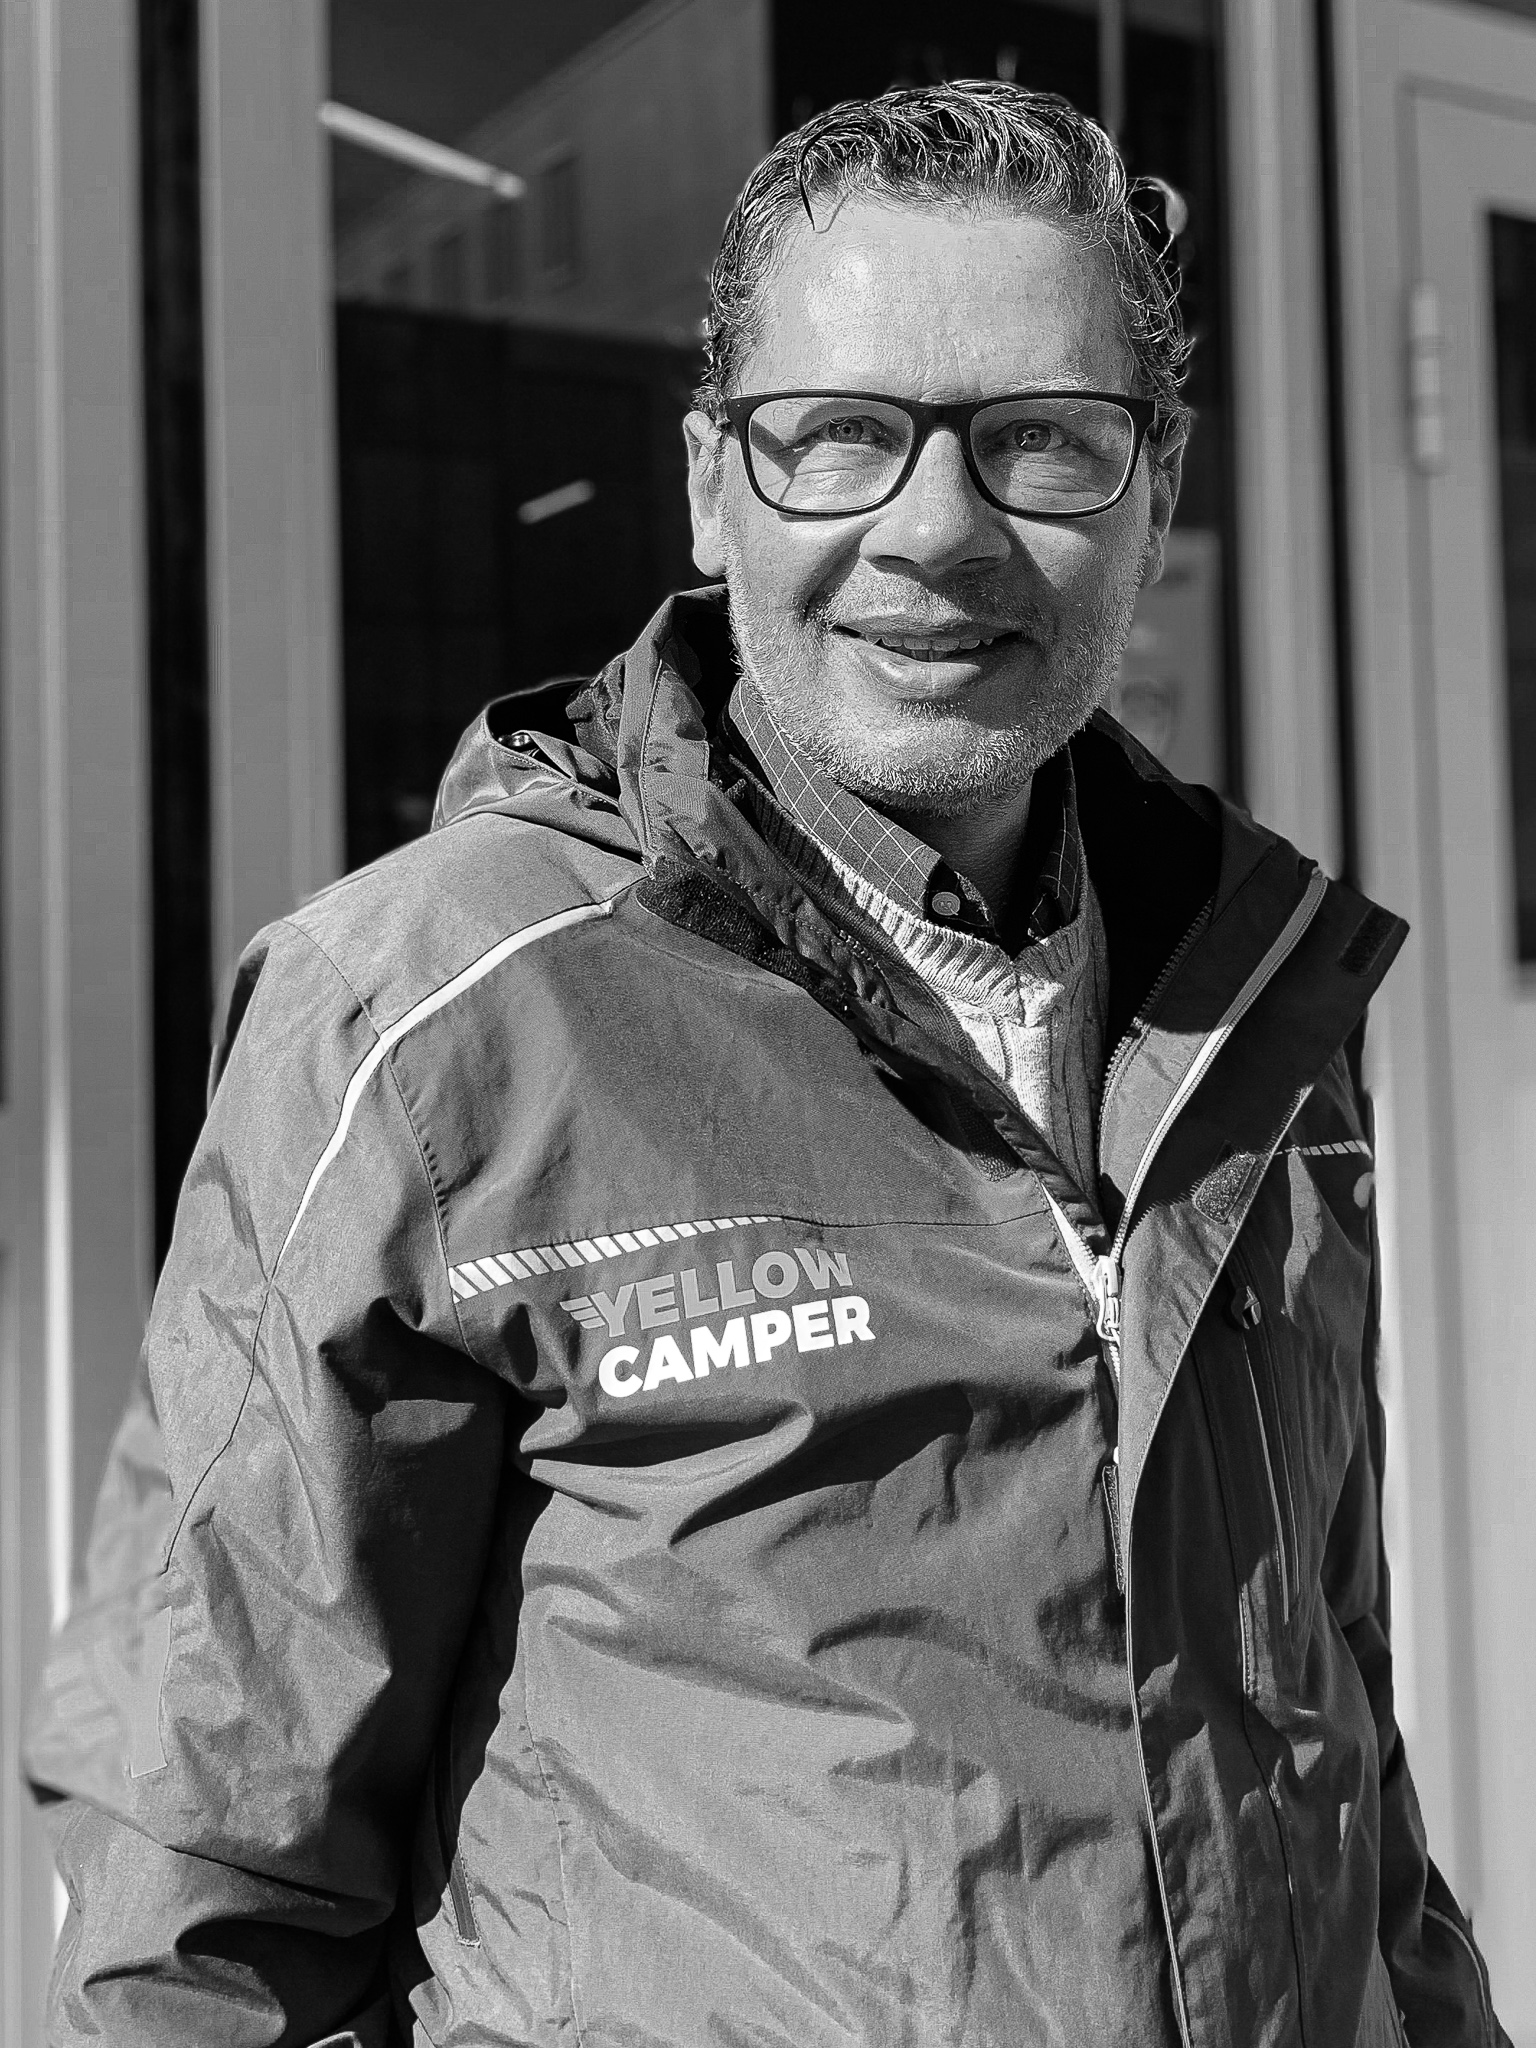 Daniel Bettschen